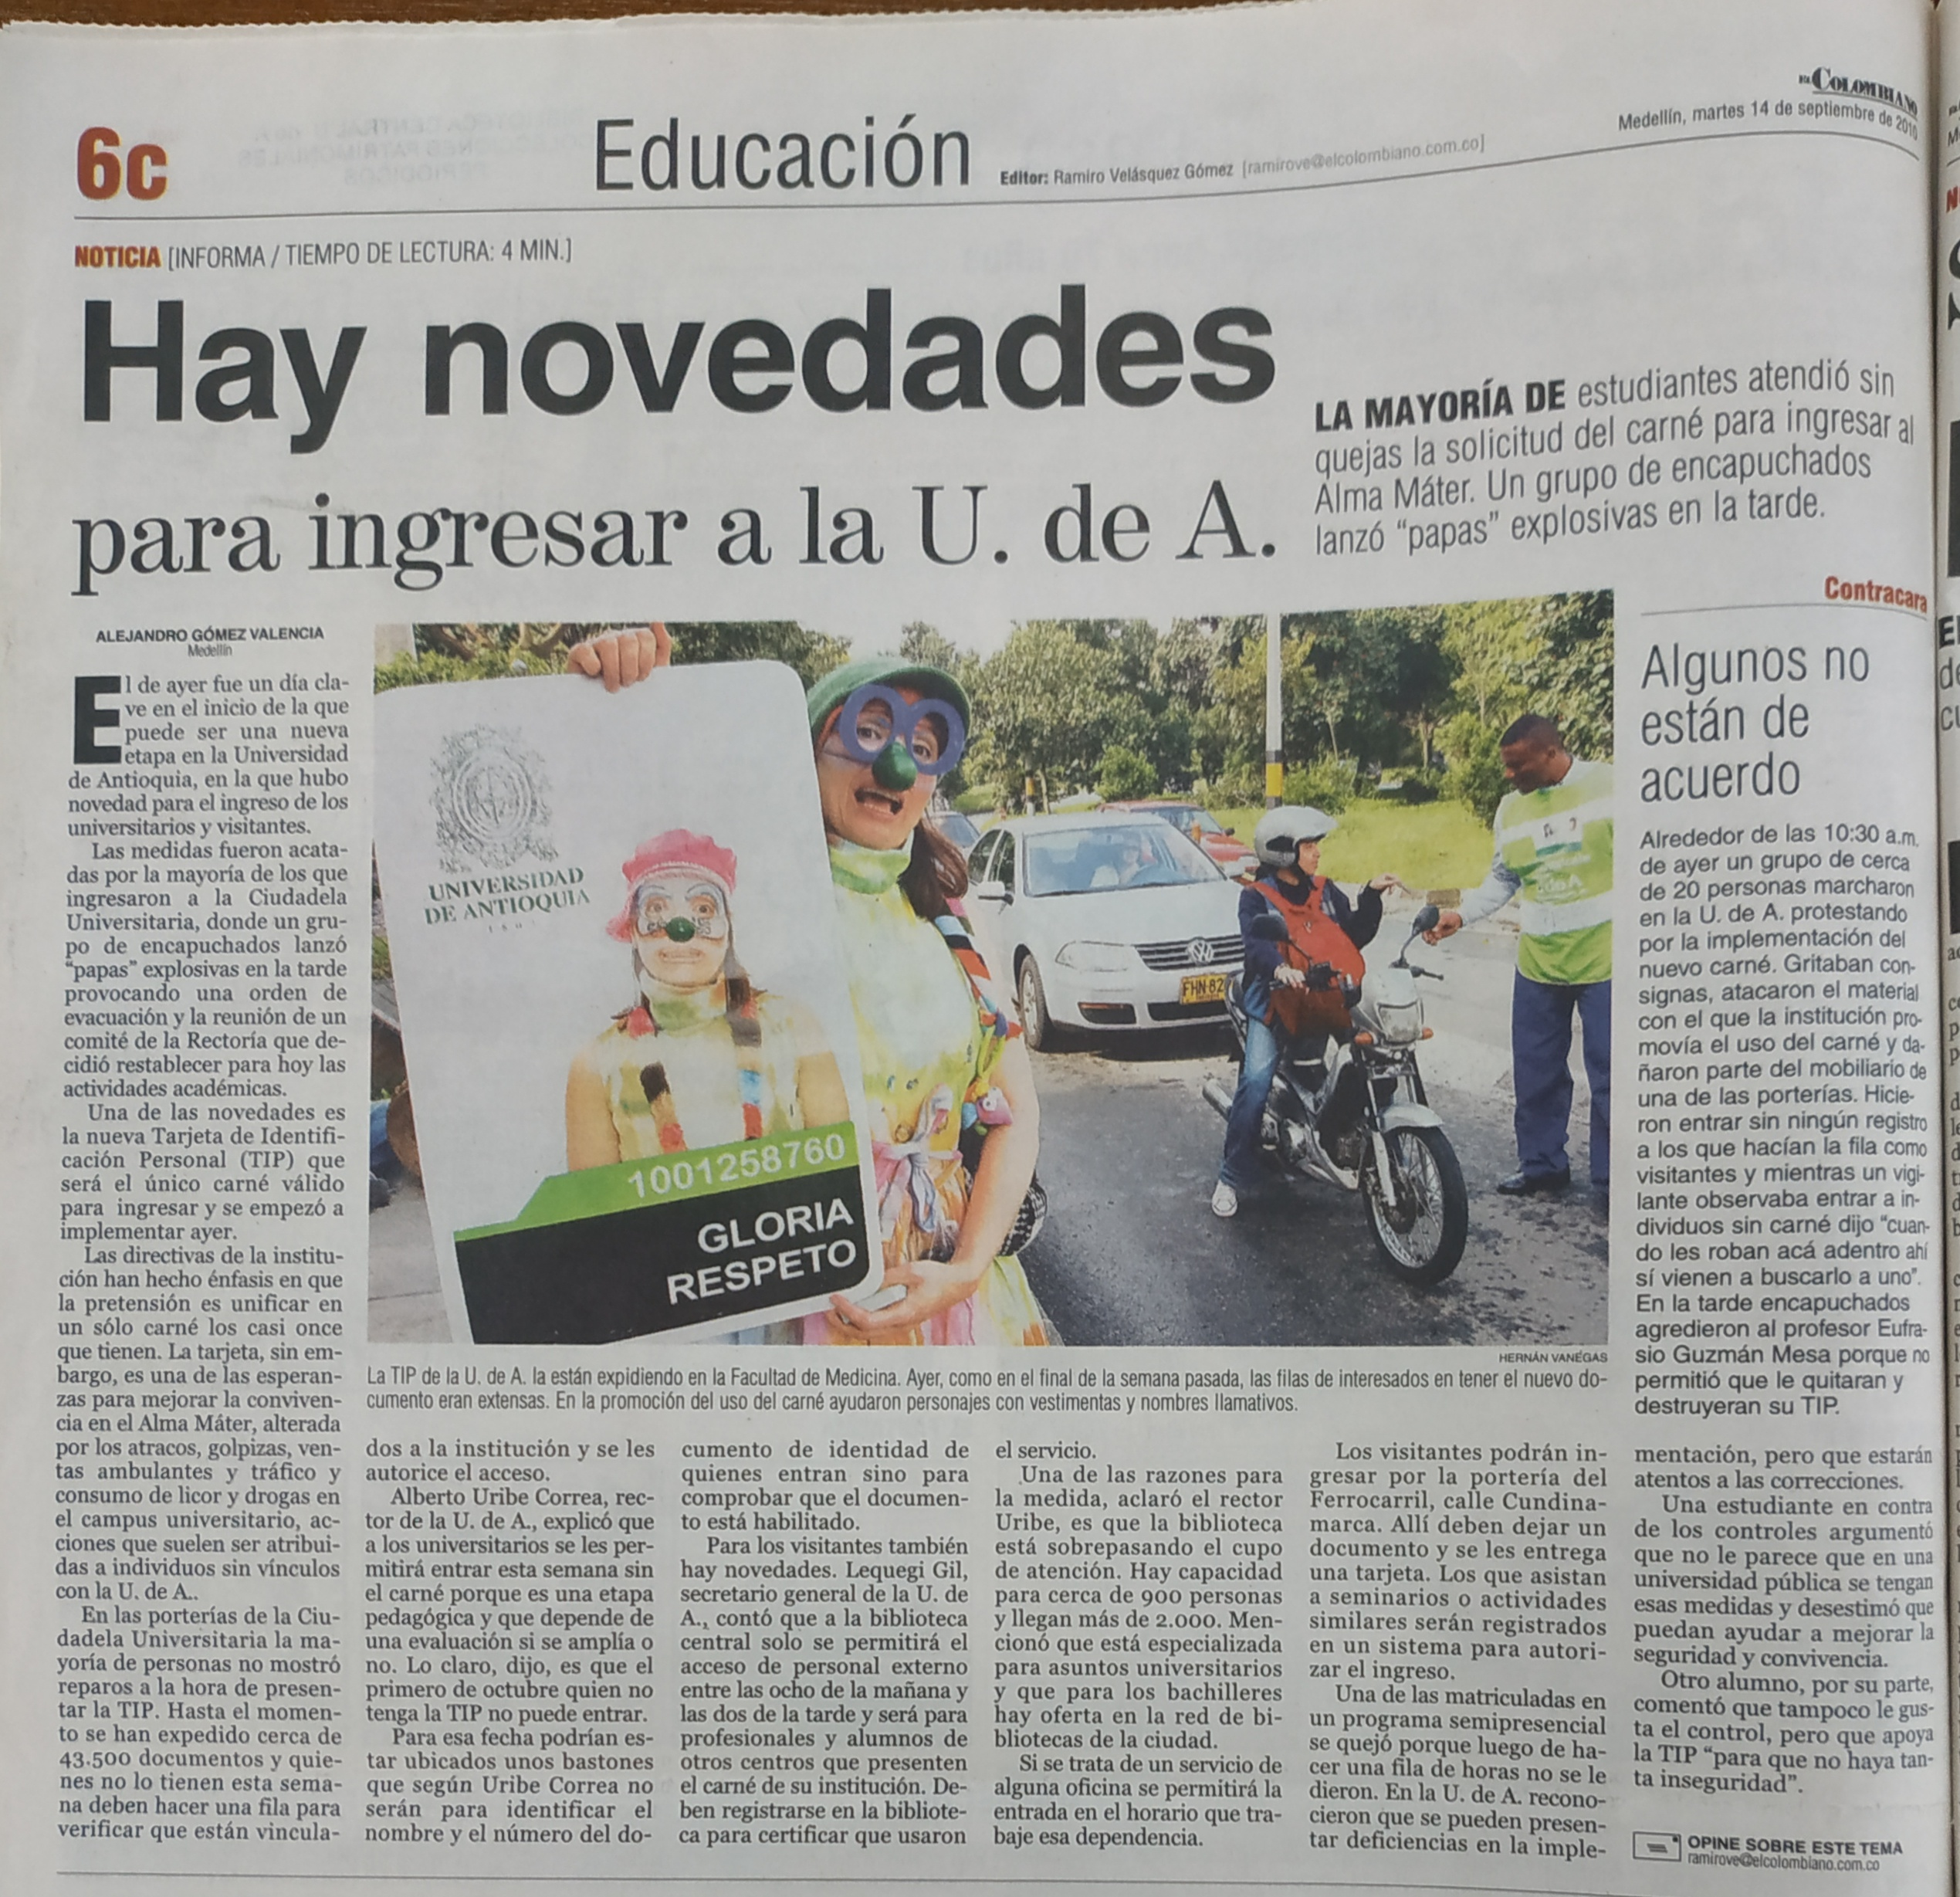 Fotografía tomada de la edición del 14 de septiembre de 2010 del periódico El Colombiano